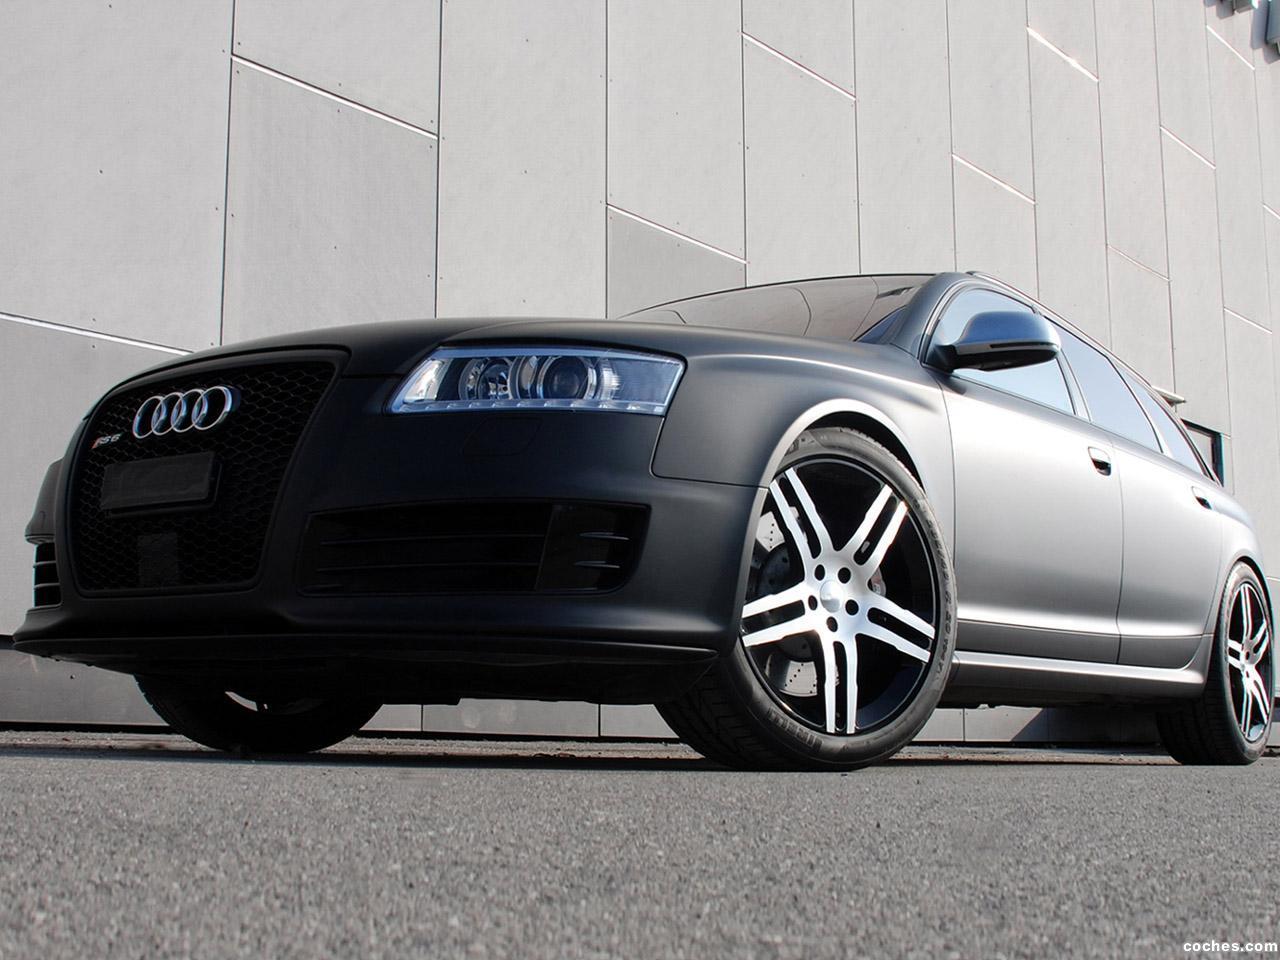 Foto 2 de Audi OCT RS6 Avant 2008